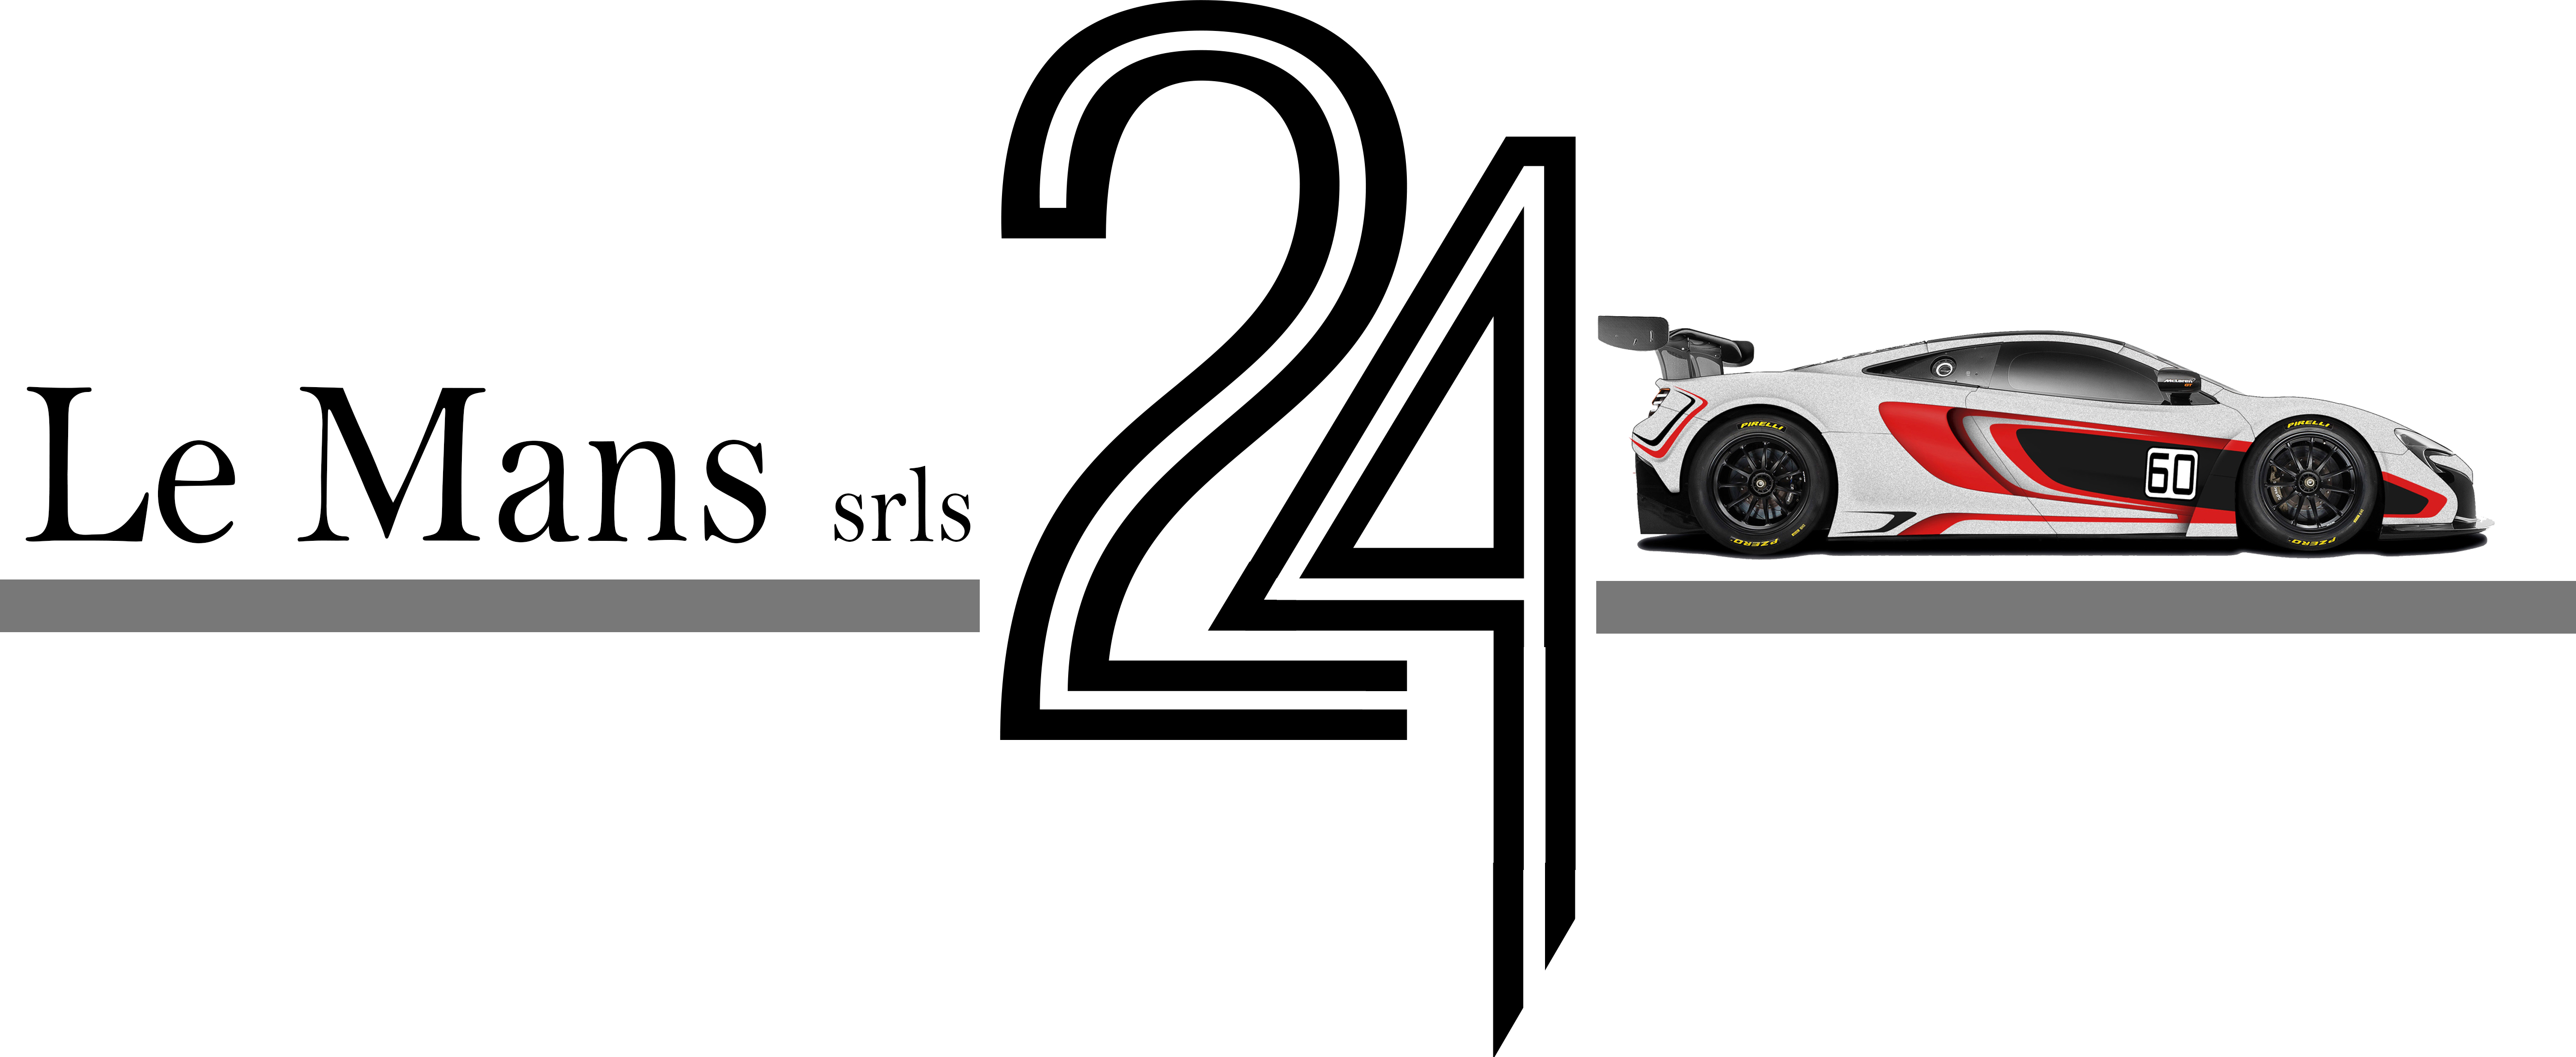 Le Mans Srls